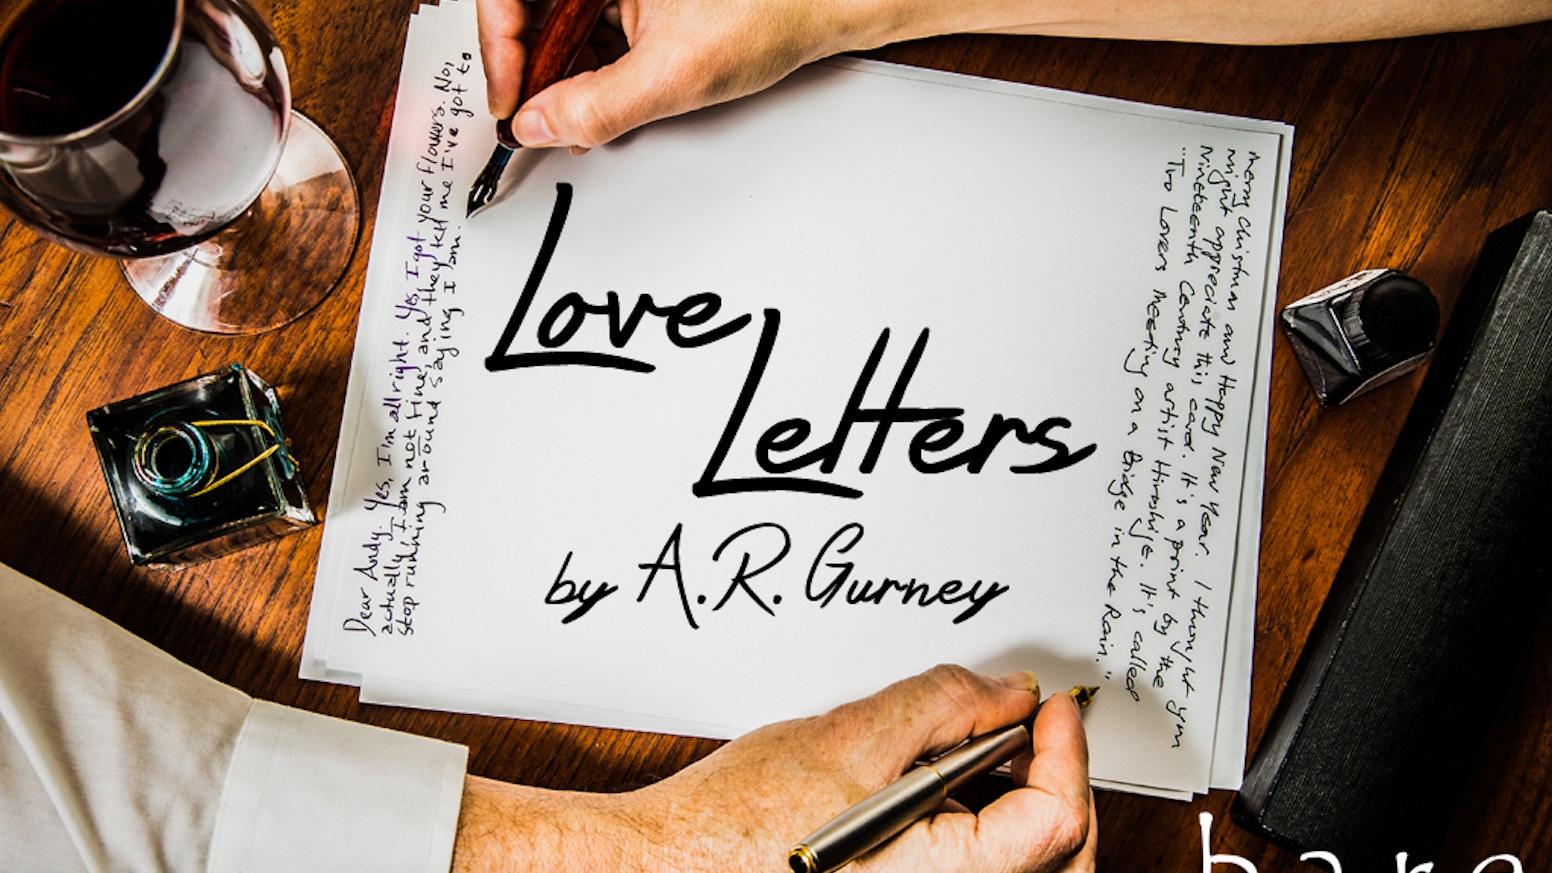 Love Letters By G Todd Buker Kickstarter